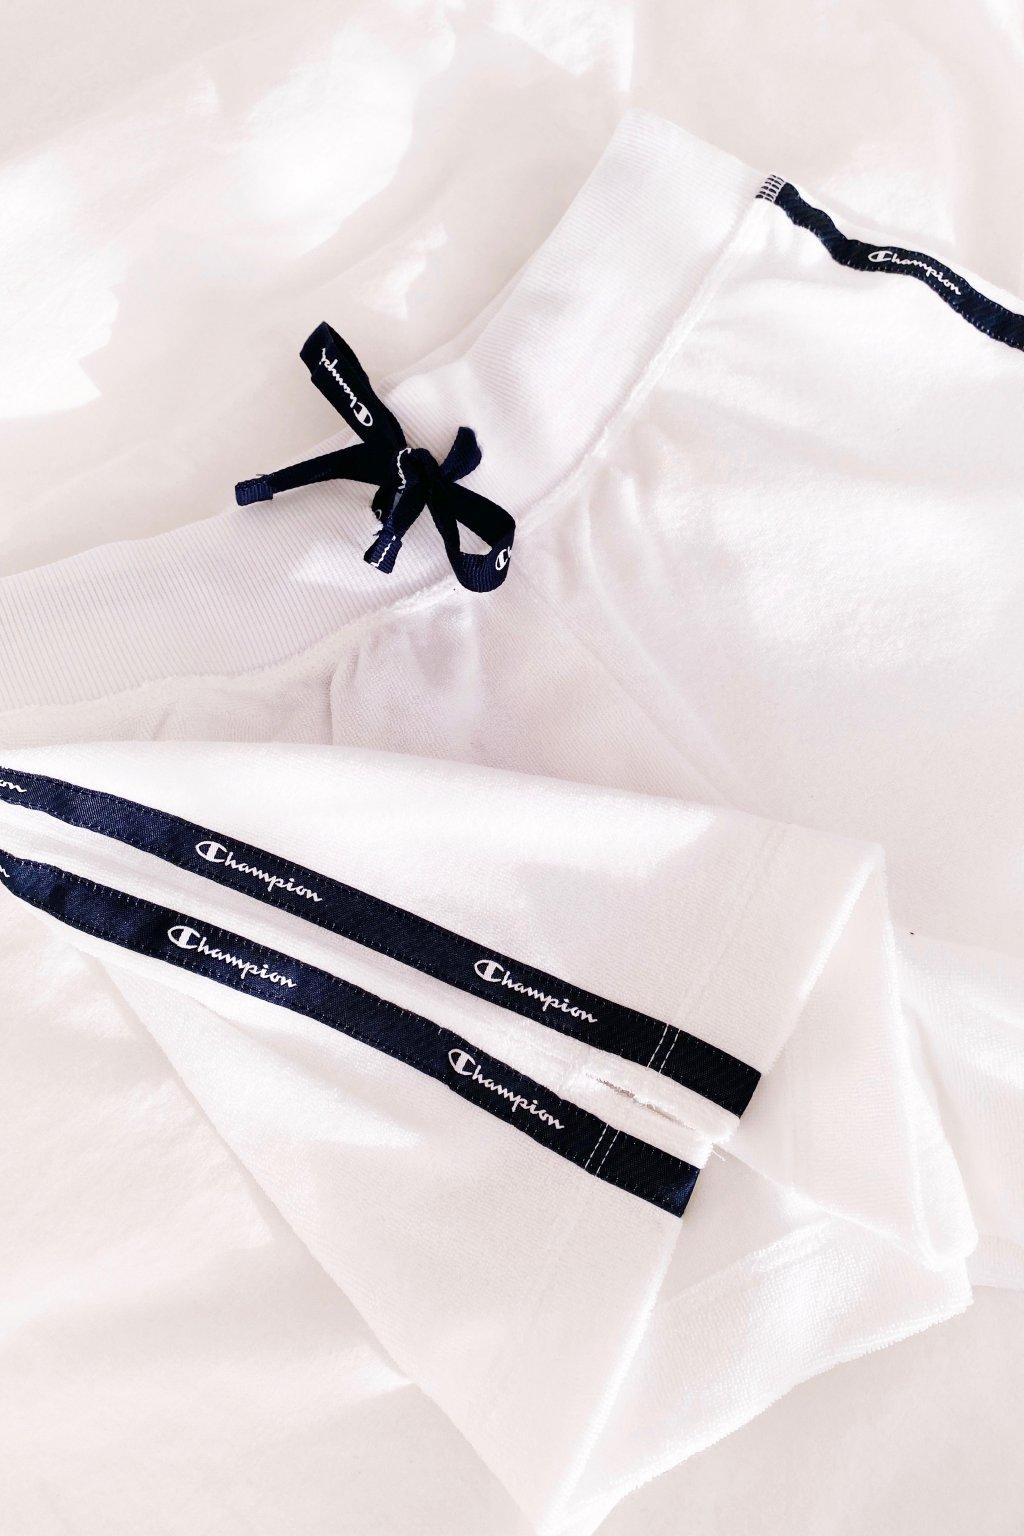 Champion šortky dámské - bílé